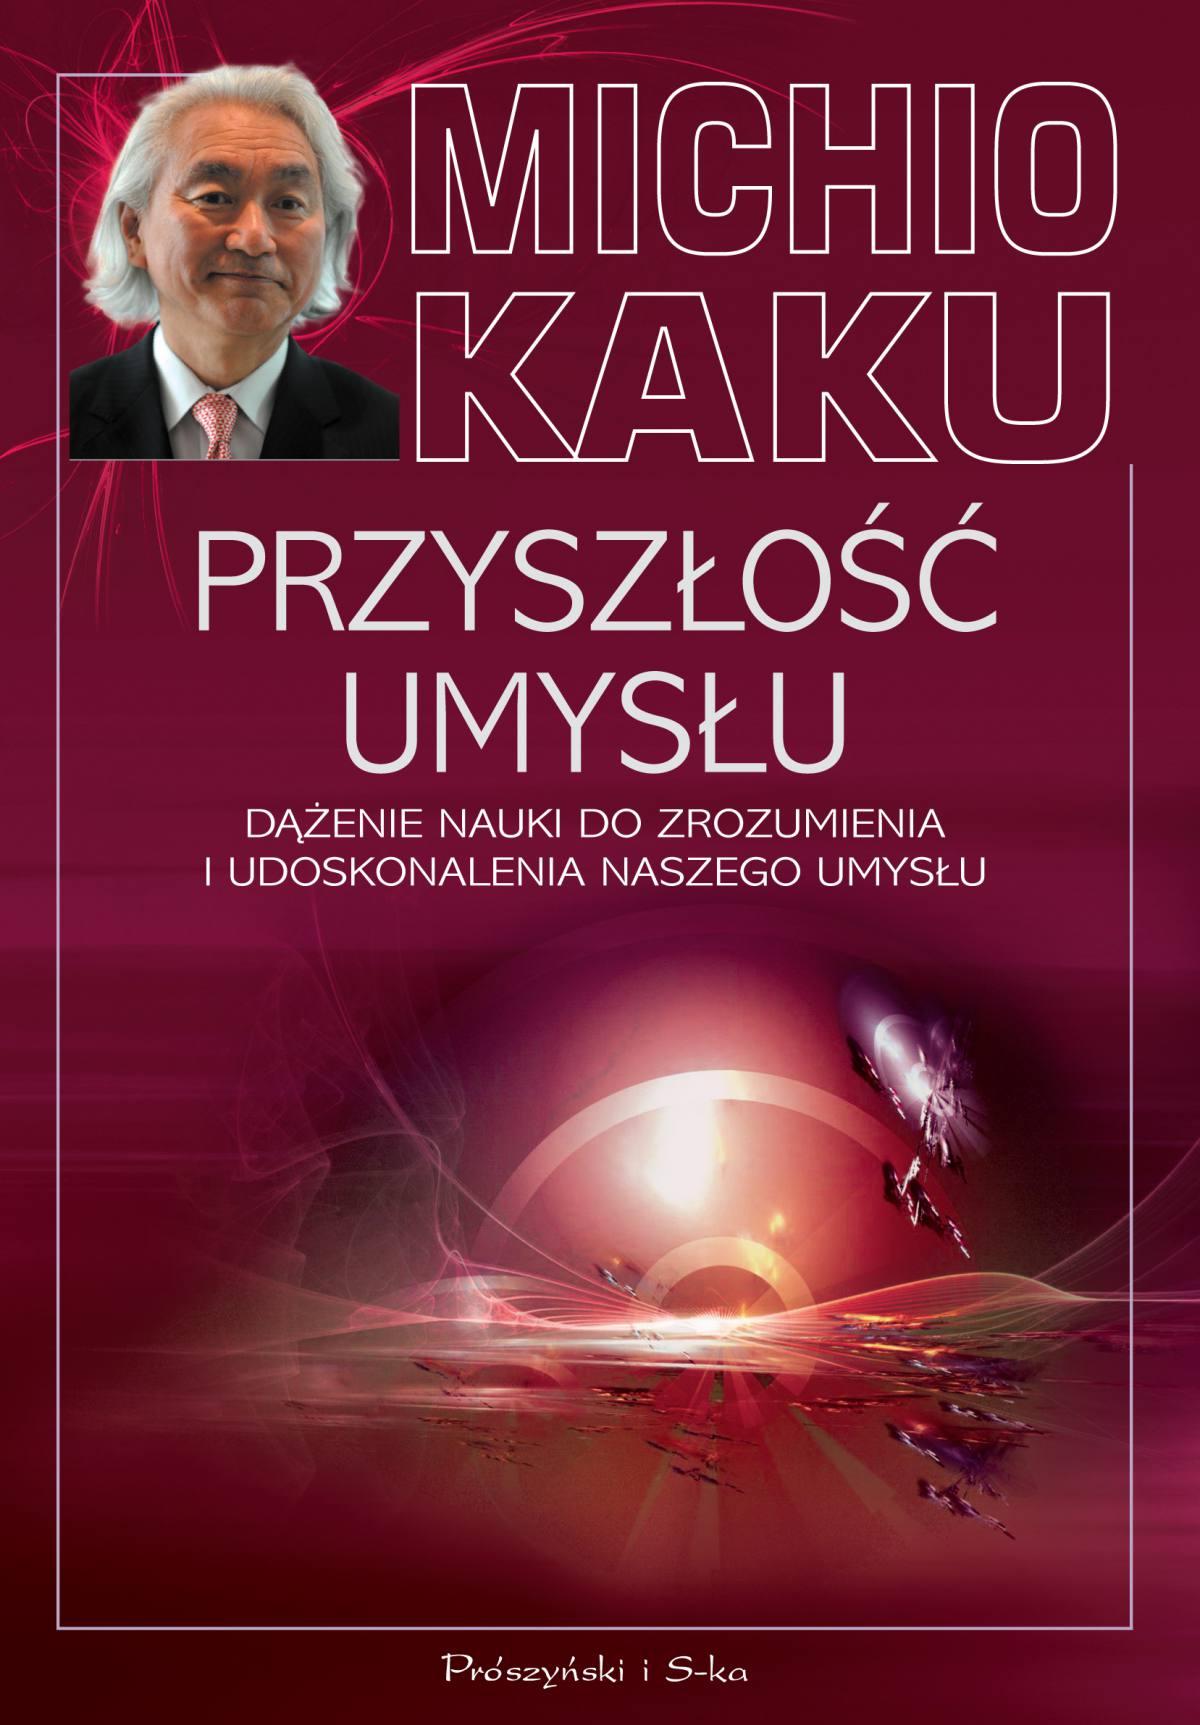 Przyszłość umysłu. Dążenie nauki do zrozumienia i udoskonalenia naszego umysłu - Ebook (Książka EPUB) do pobrania w formacie EPUB